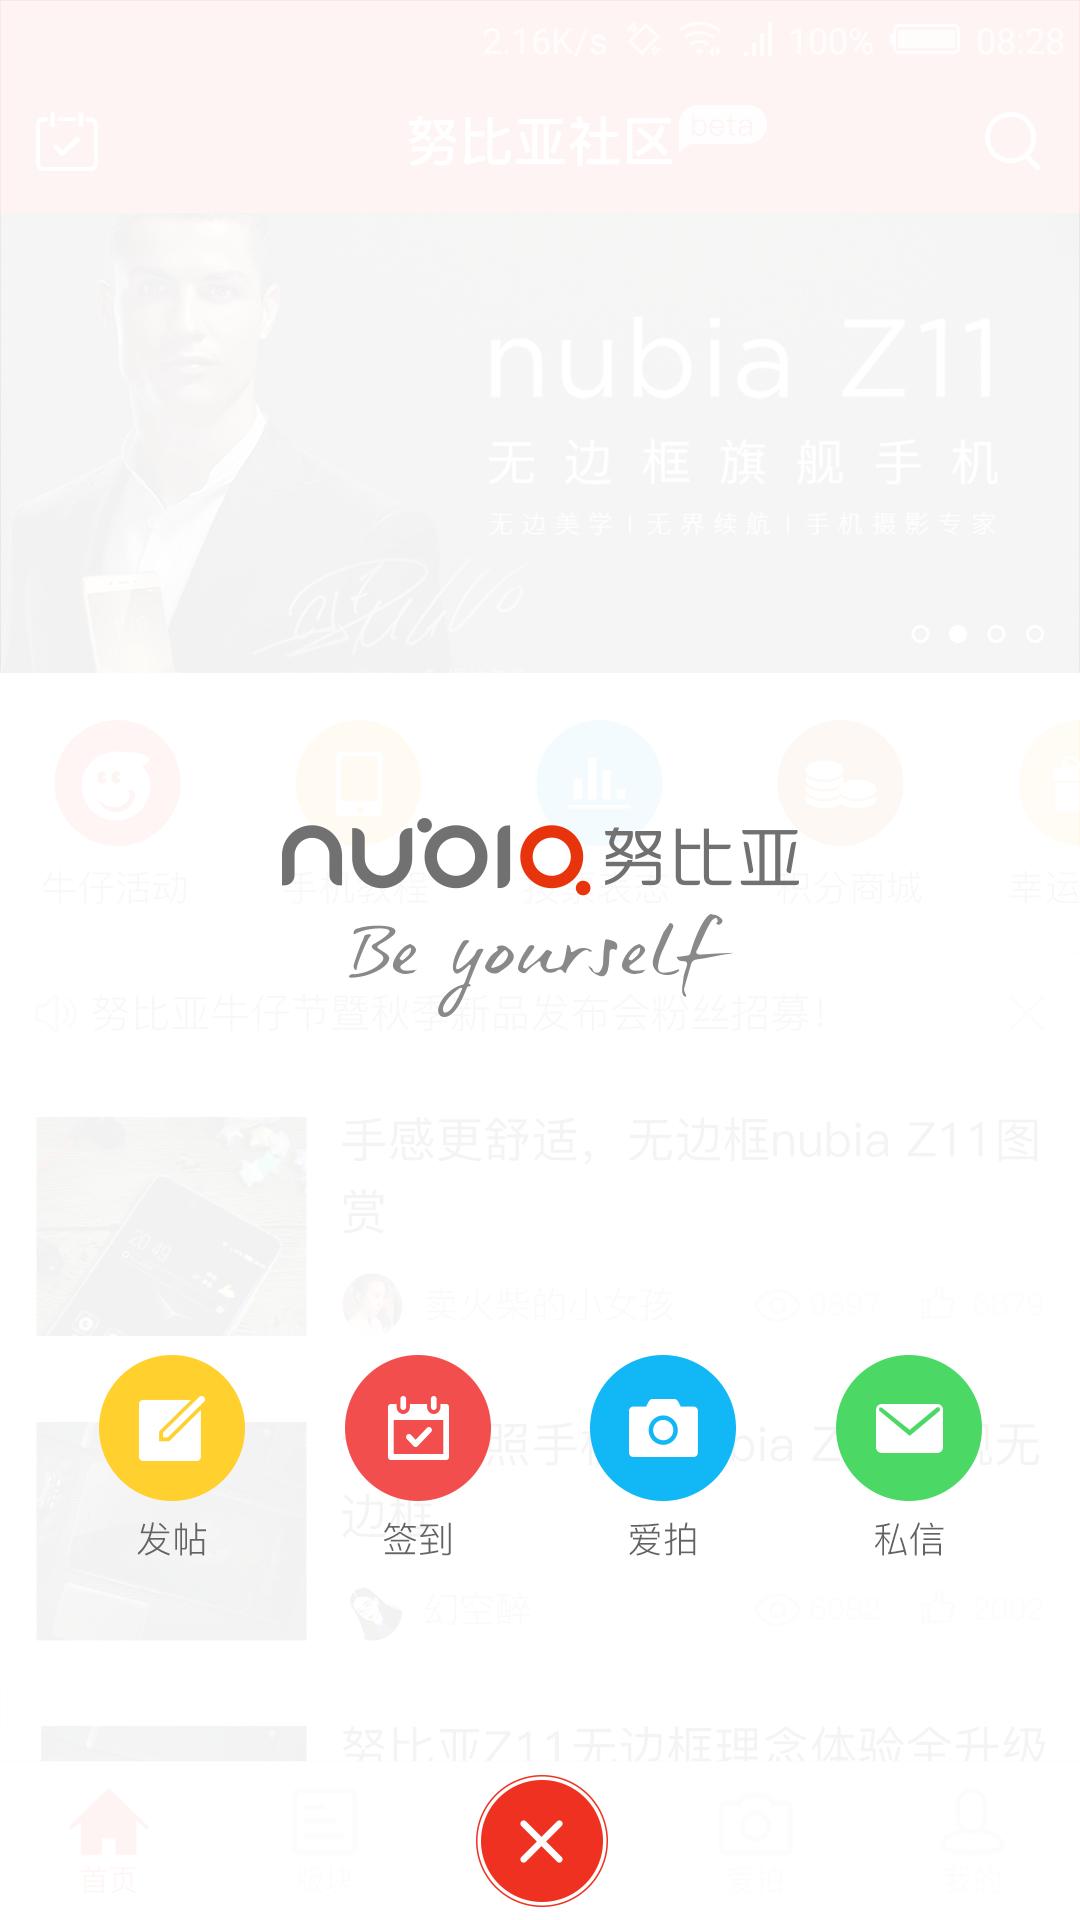 努比亚社区V1.0.16 安卓版大图预览_努比亚社